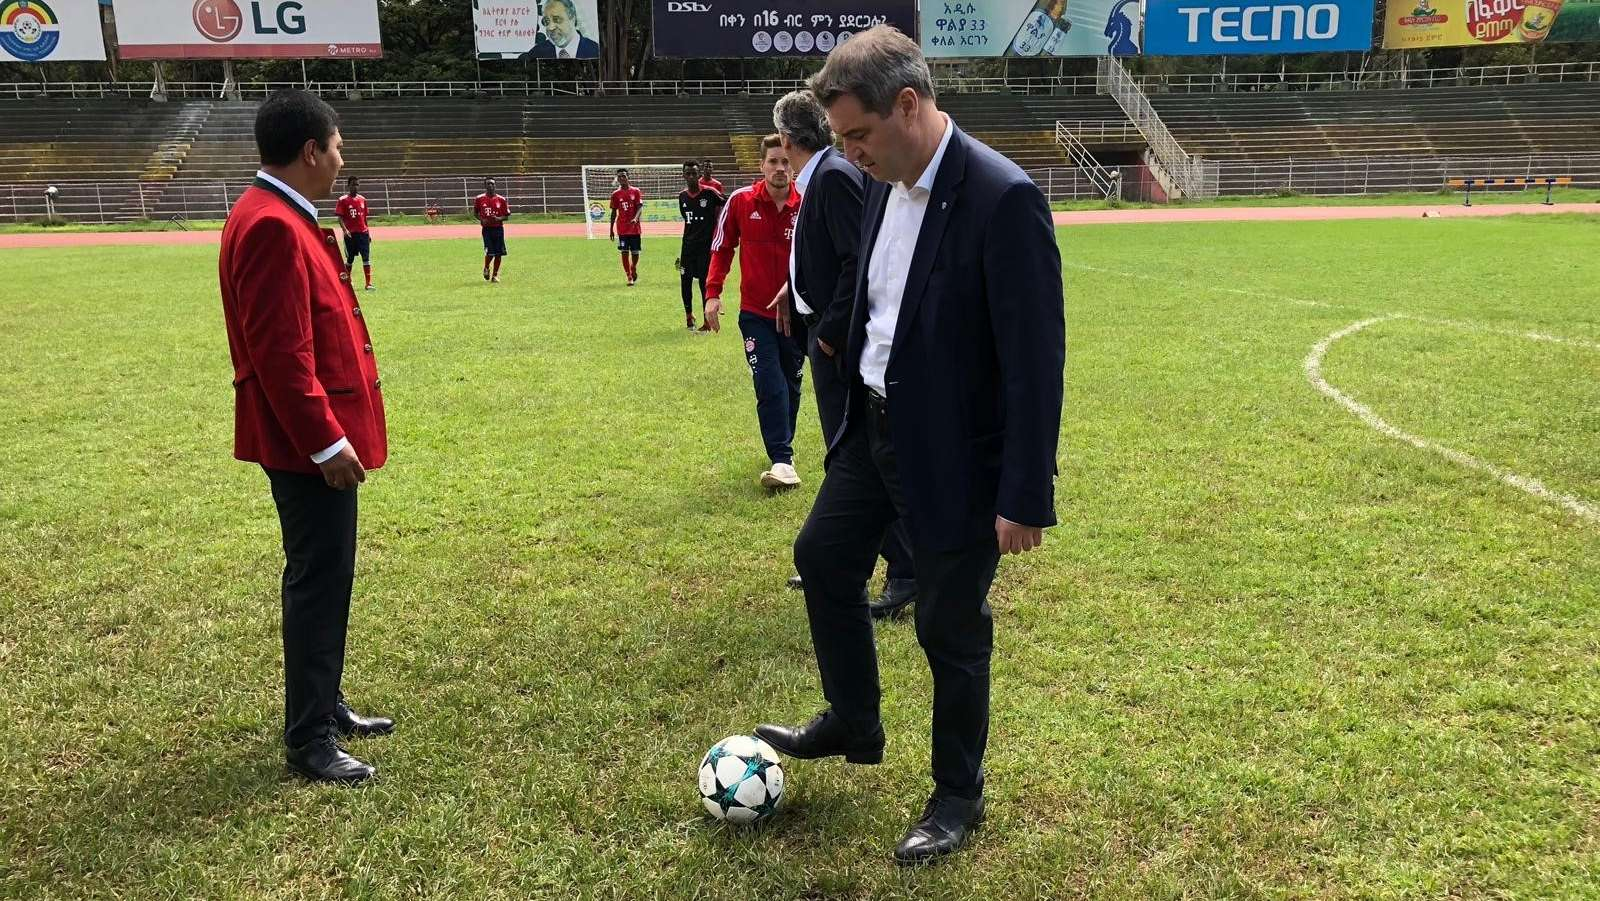 Äthiopien: Söder und FC Bayern eröffnen Fußballschule